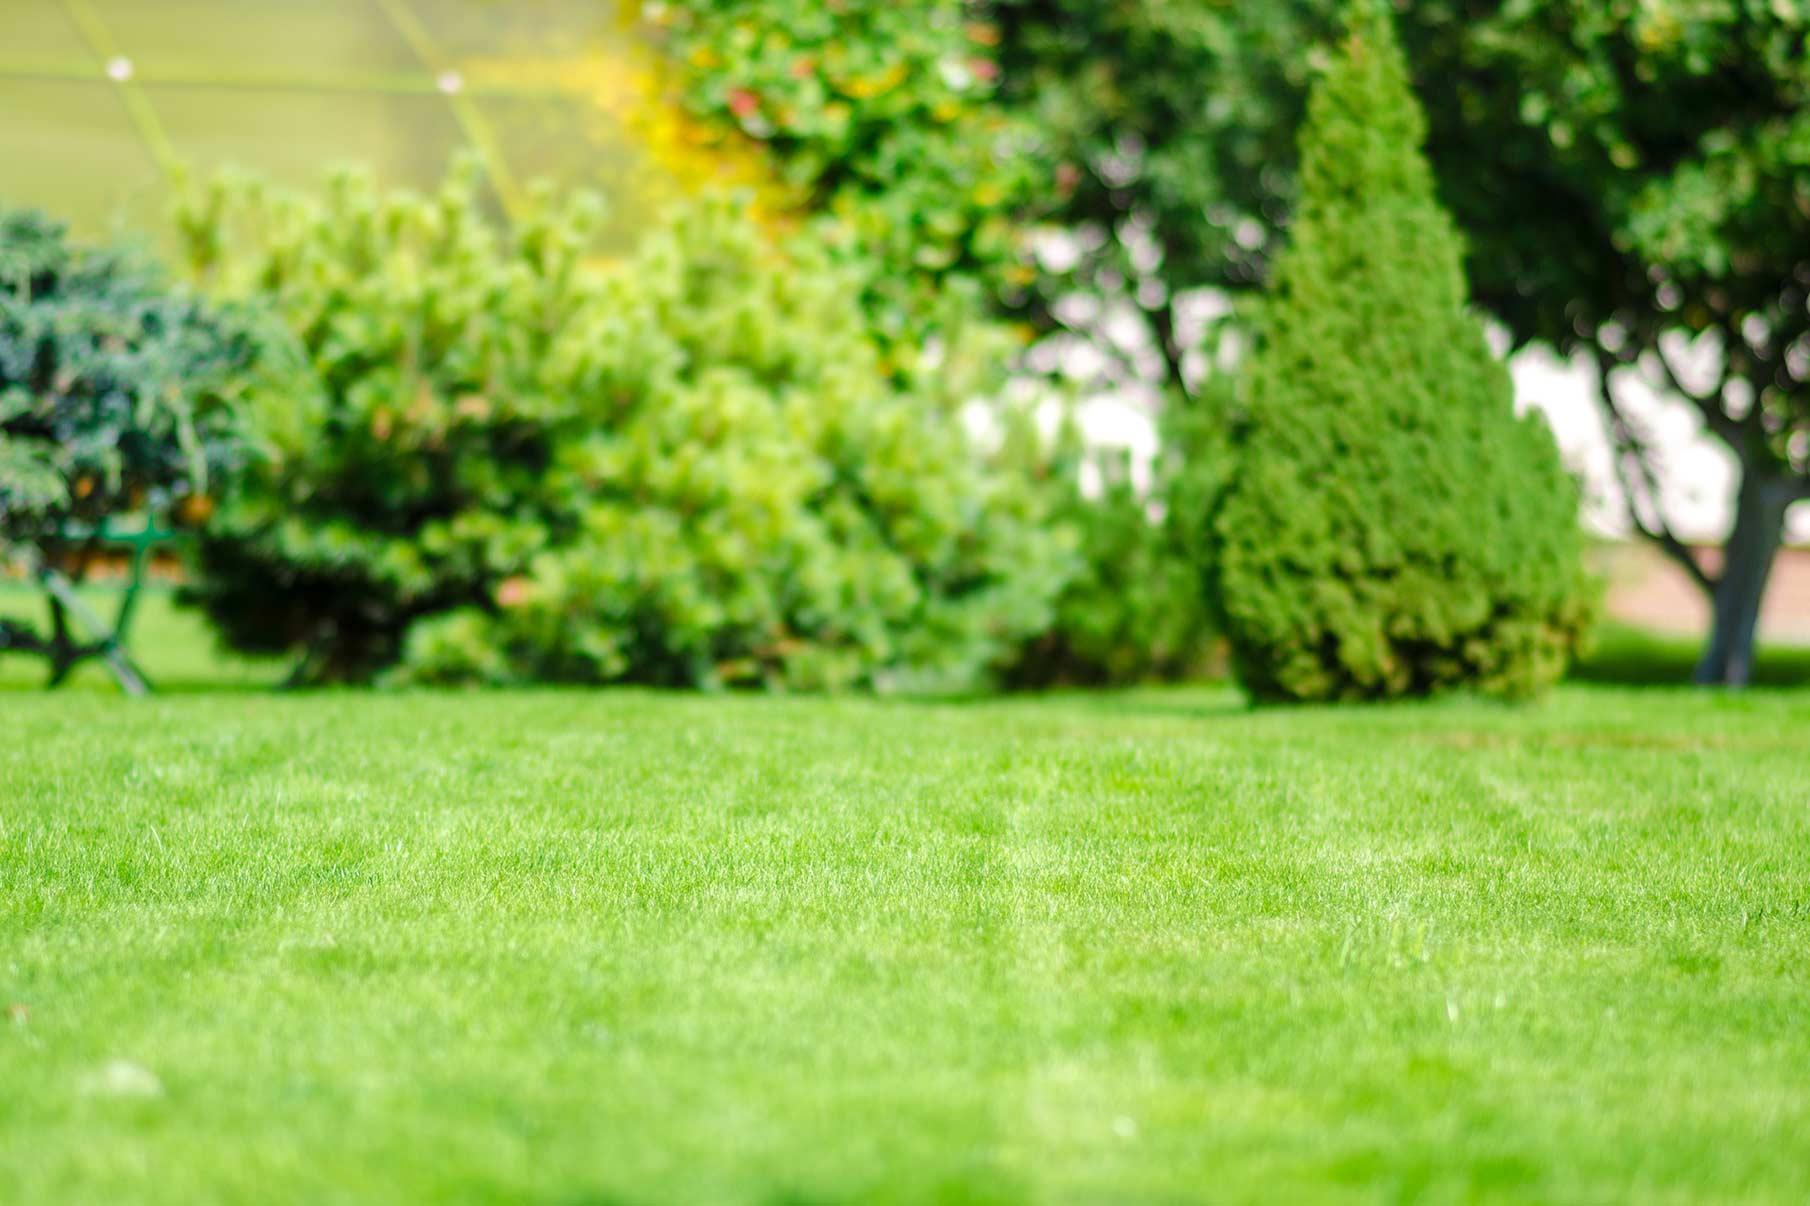 close up of a backyard lawn